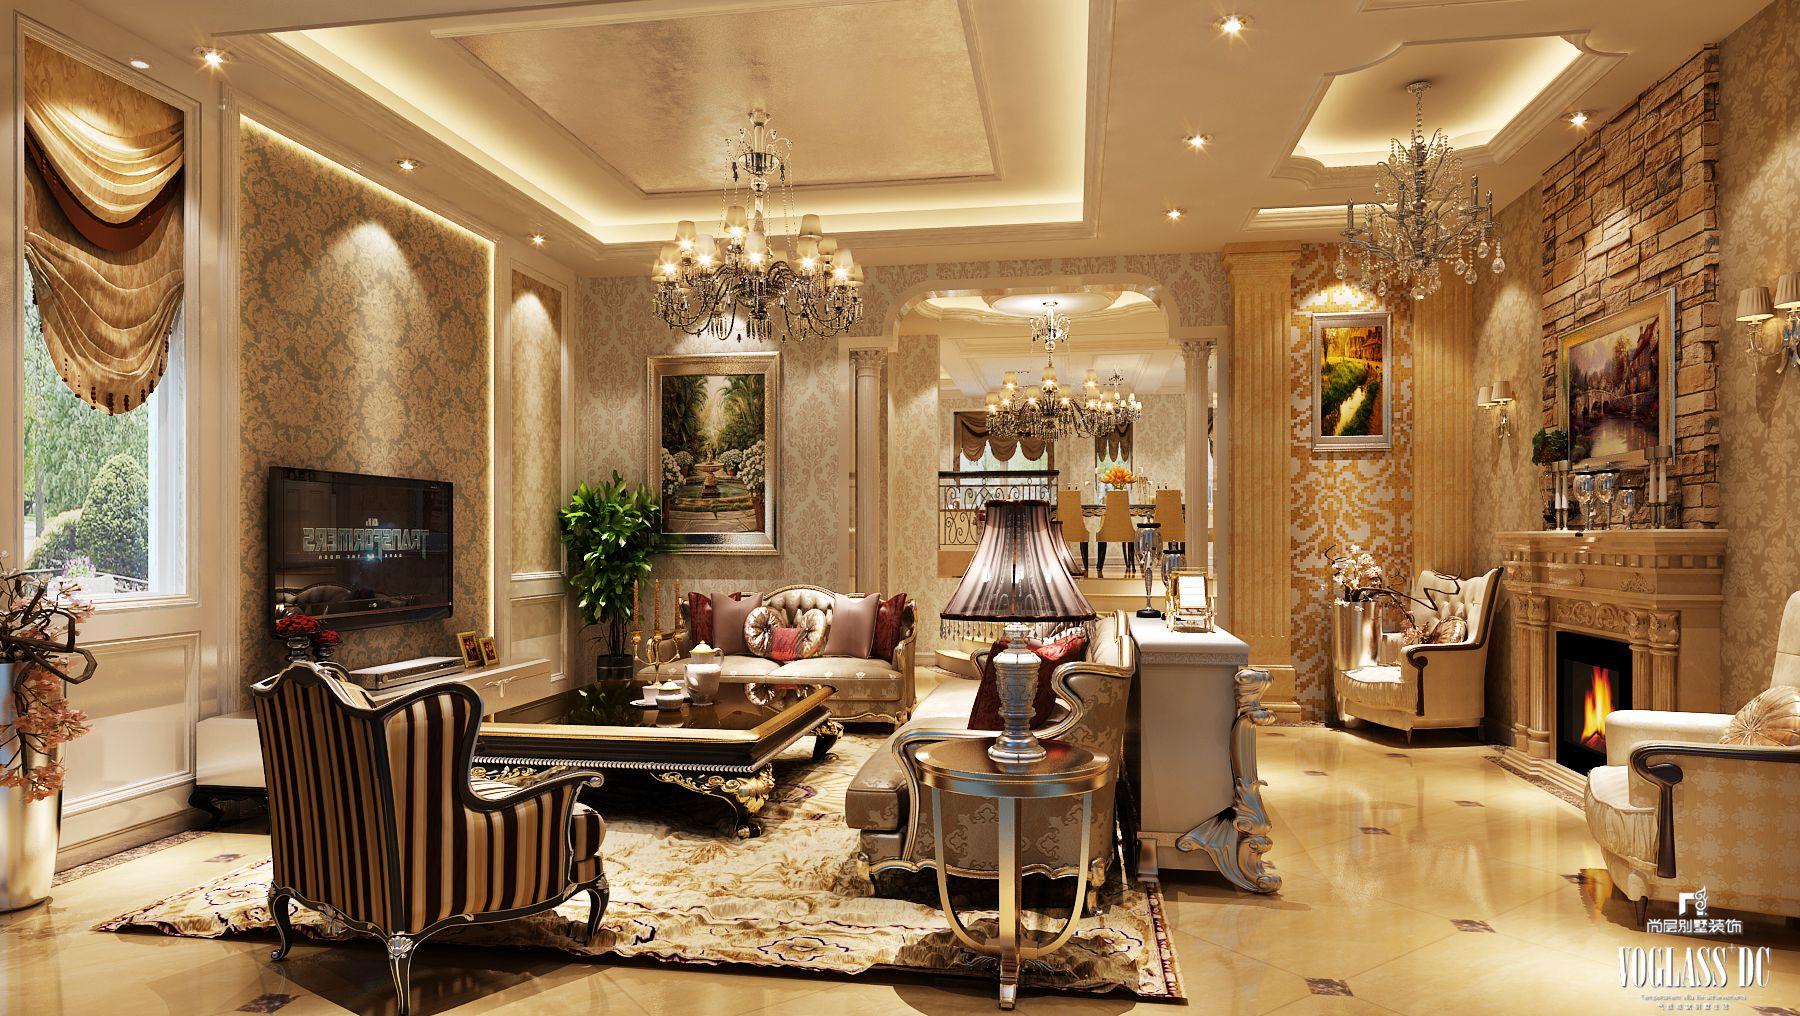 上海别墅装修公司,尚层别墅装饰中欧混搭风格案例欣赏,圆形卧室,新古典主卧,现代客厅,欧式客厅。TEL:13818481708可加微信,QQ:2914229124。上海别墅装饰行业有两类,一类是尚层,一类是其他装饰公司。尚层装饰的竣工作品已在《安抵》、《时尚家居》、《瑞丽家居》、《TOP装潢》、《家饰》、《家装家居》、《大日子》等二十家国内高端家居装饰杂志免费刊登上百次。